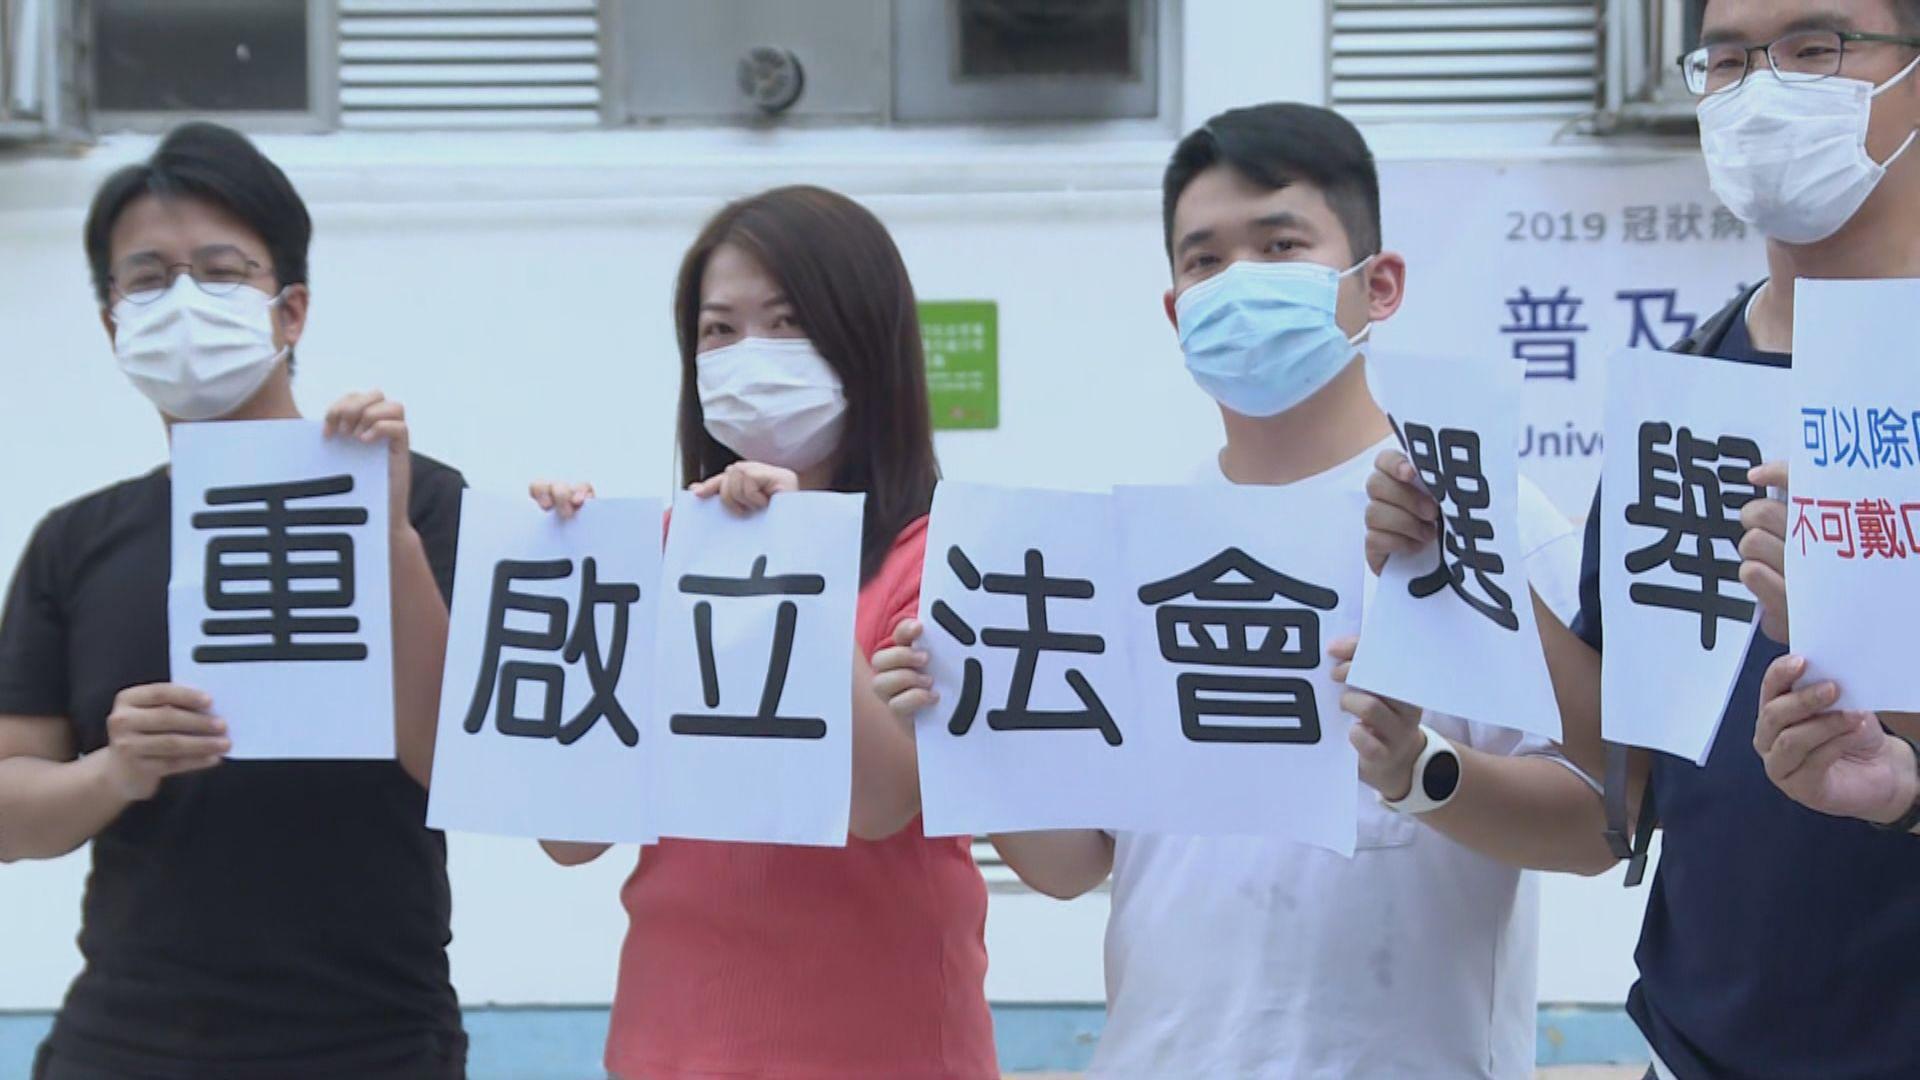 多名民主派區議員到檢測中心外抗議